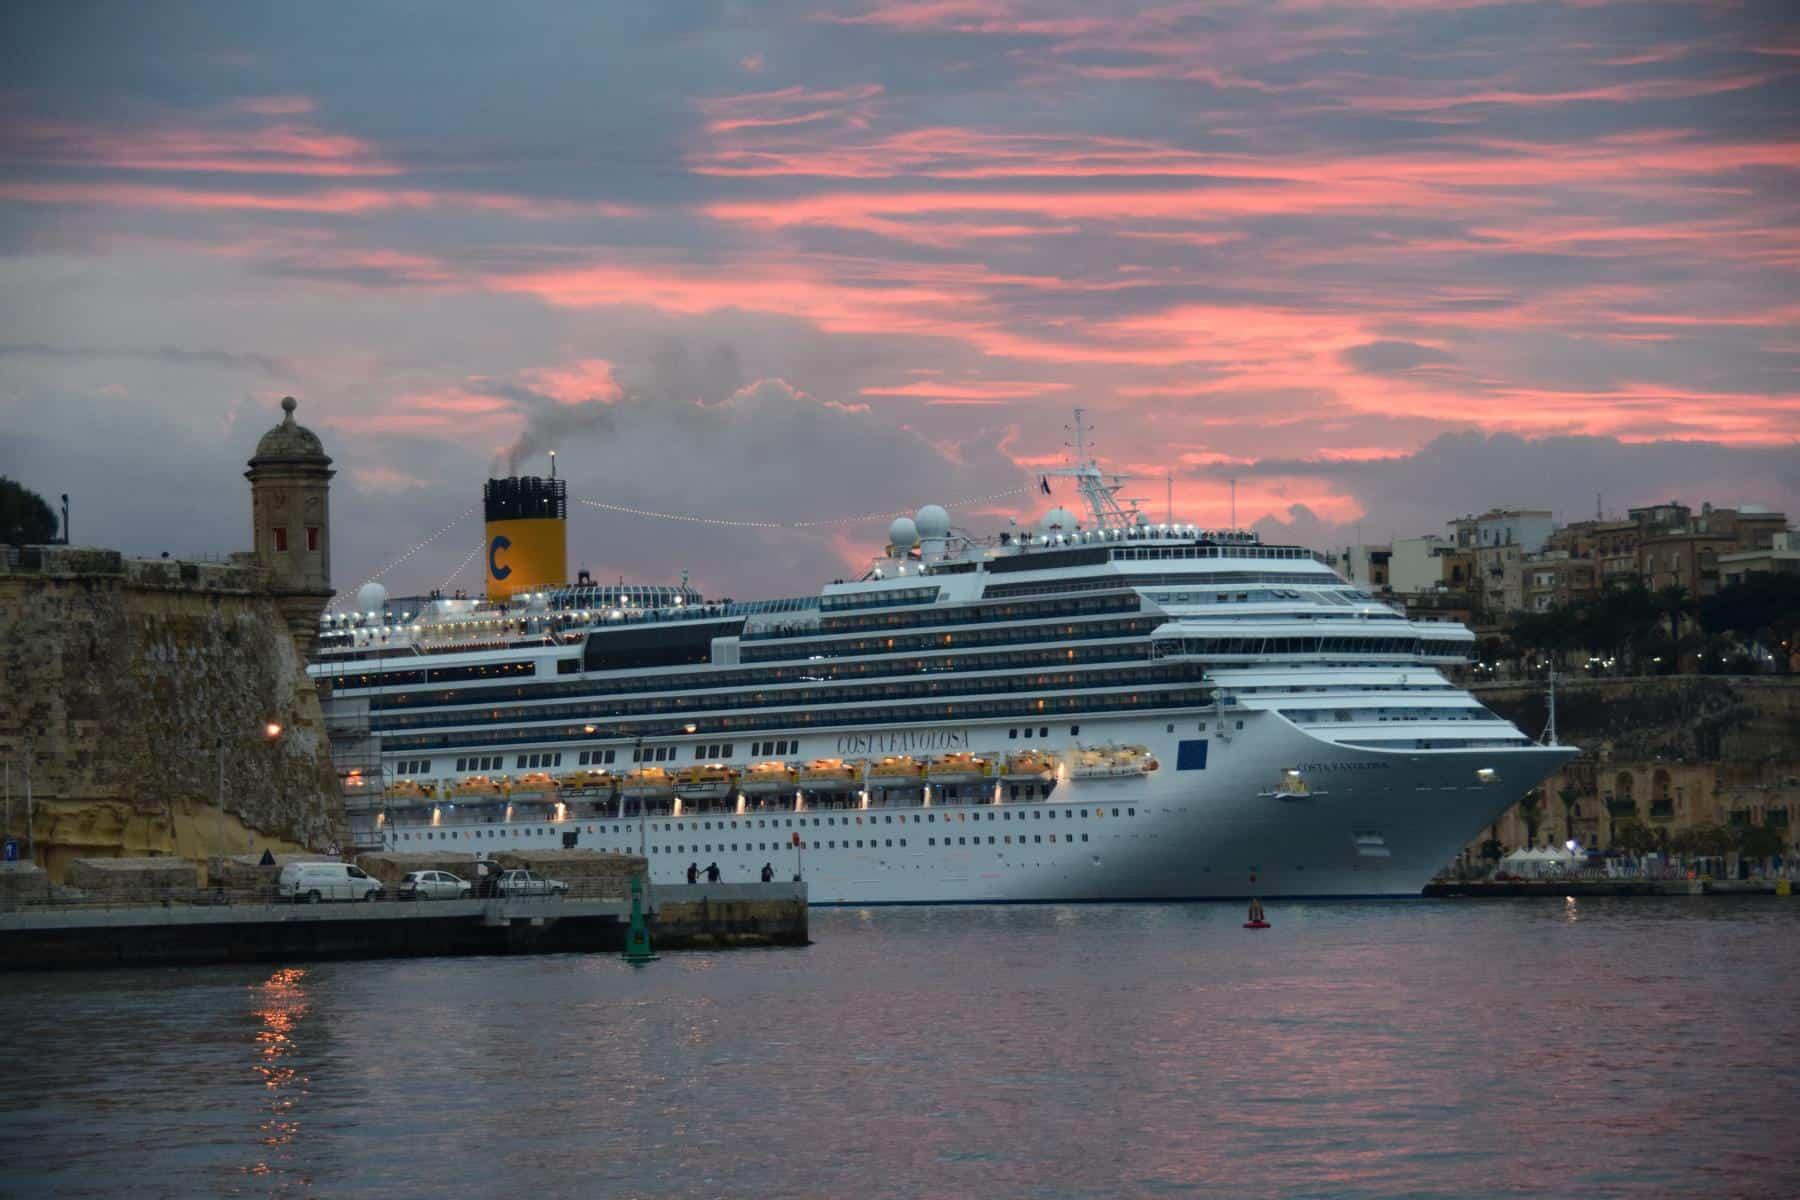 Wie sieht ein typischer Tag auf Kreuzfahrt aus Kreuzfahrtschiff Costa Favolosa Sonnenuntergang Malta